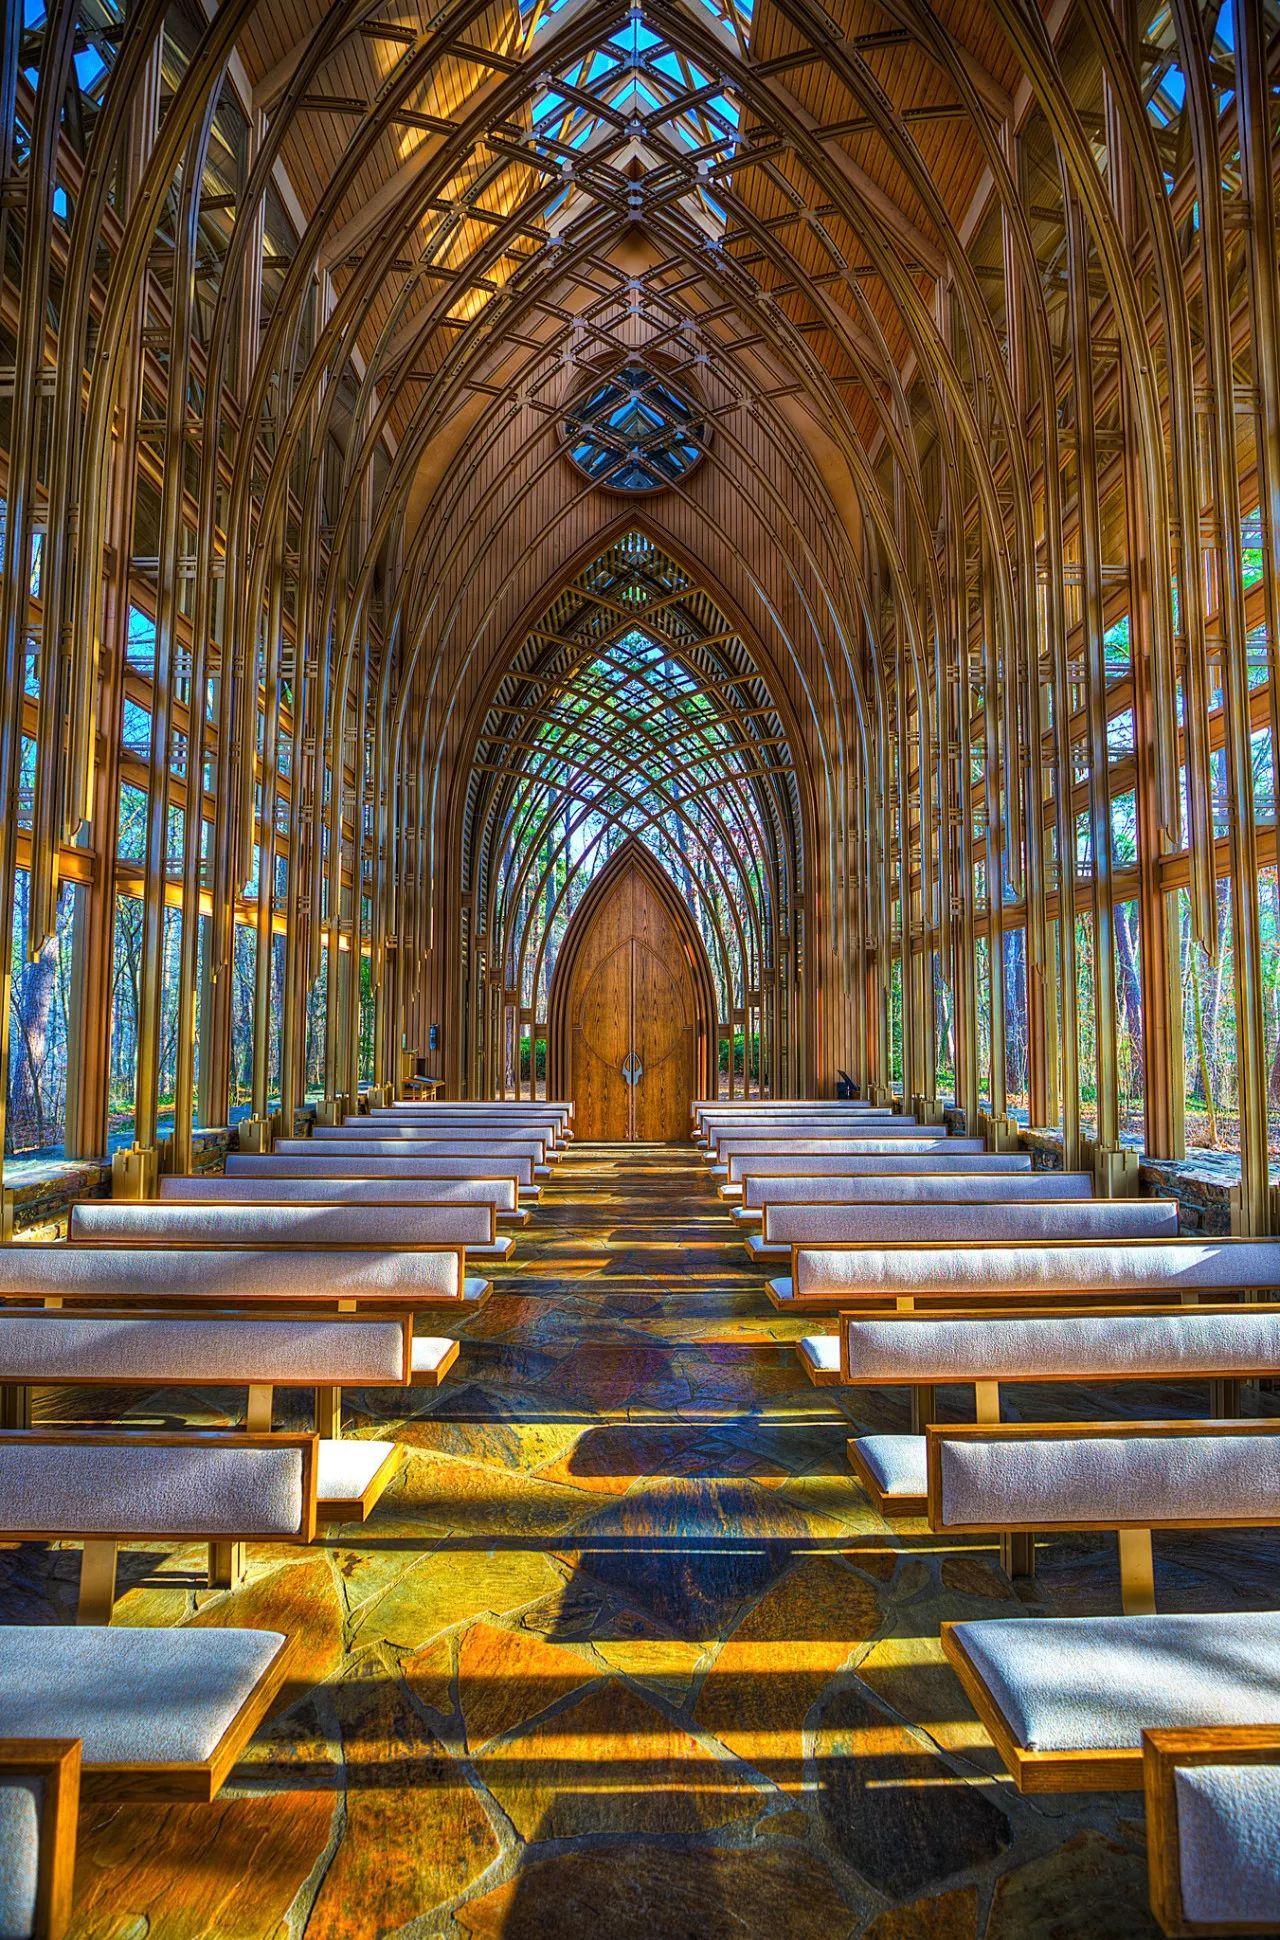 去英国逛教堂 过圣诞季?出发前你需要看看这一篇!